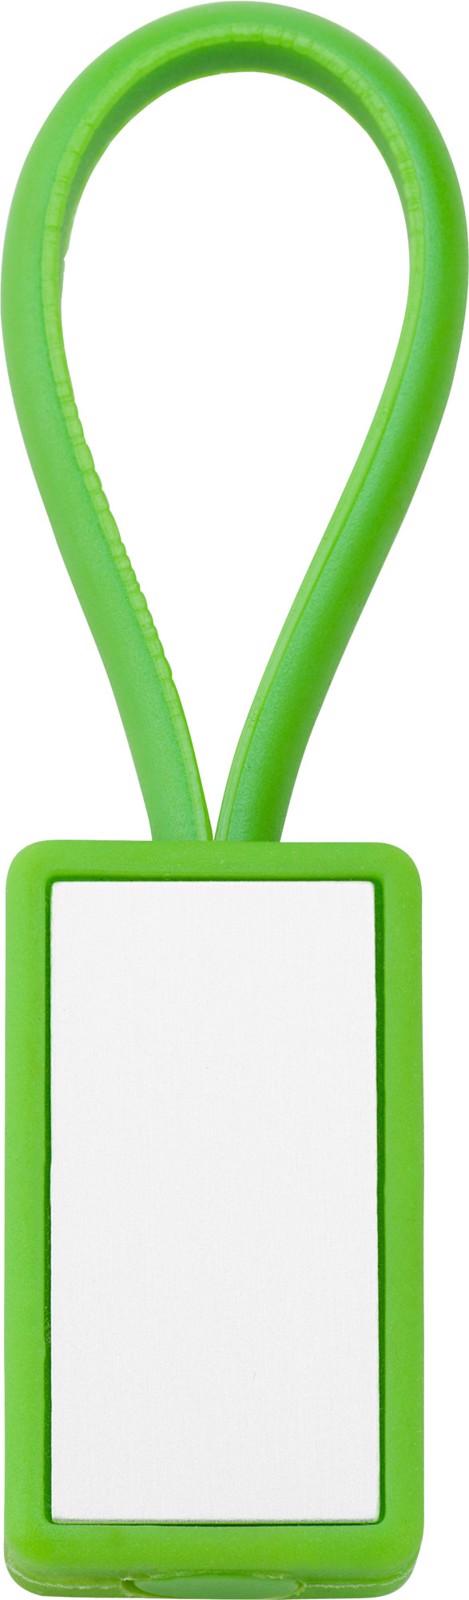 Plastic key holder - Light Green